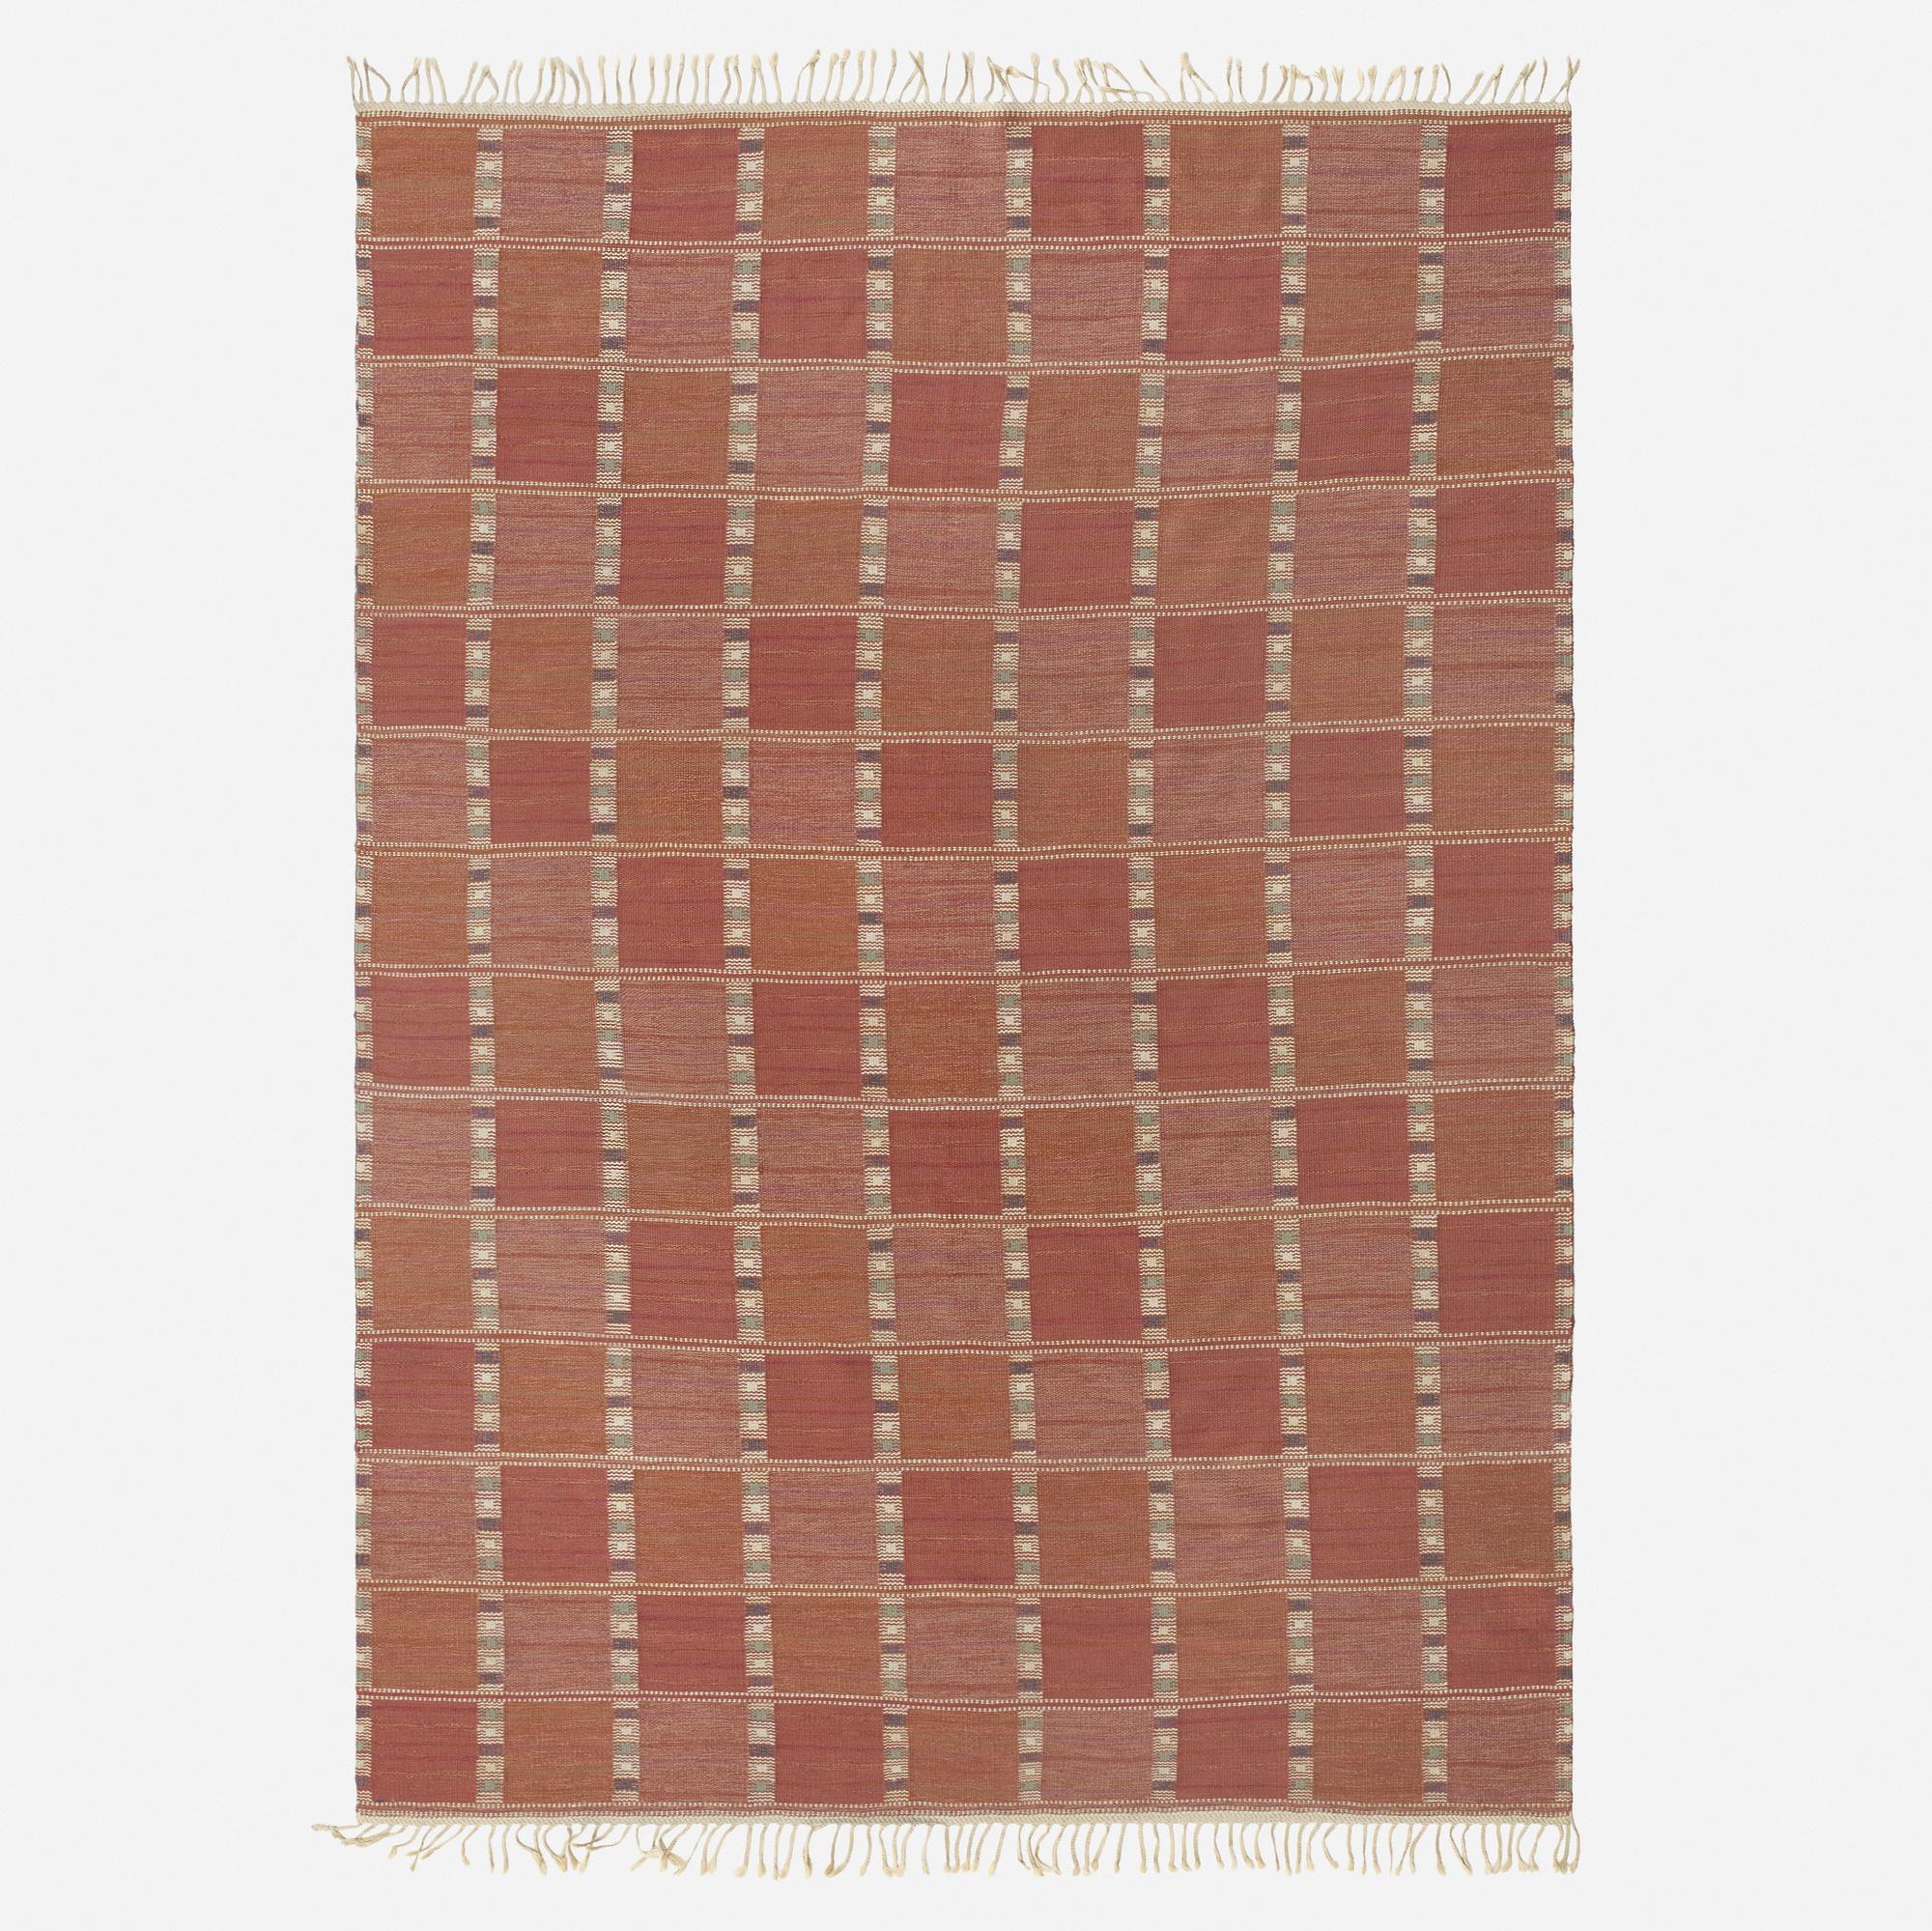 155: Barbro Nilsson / rare Falurutan flatweave carpet (1 of 2)